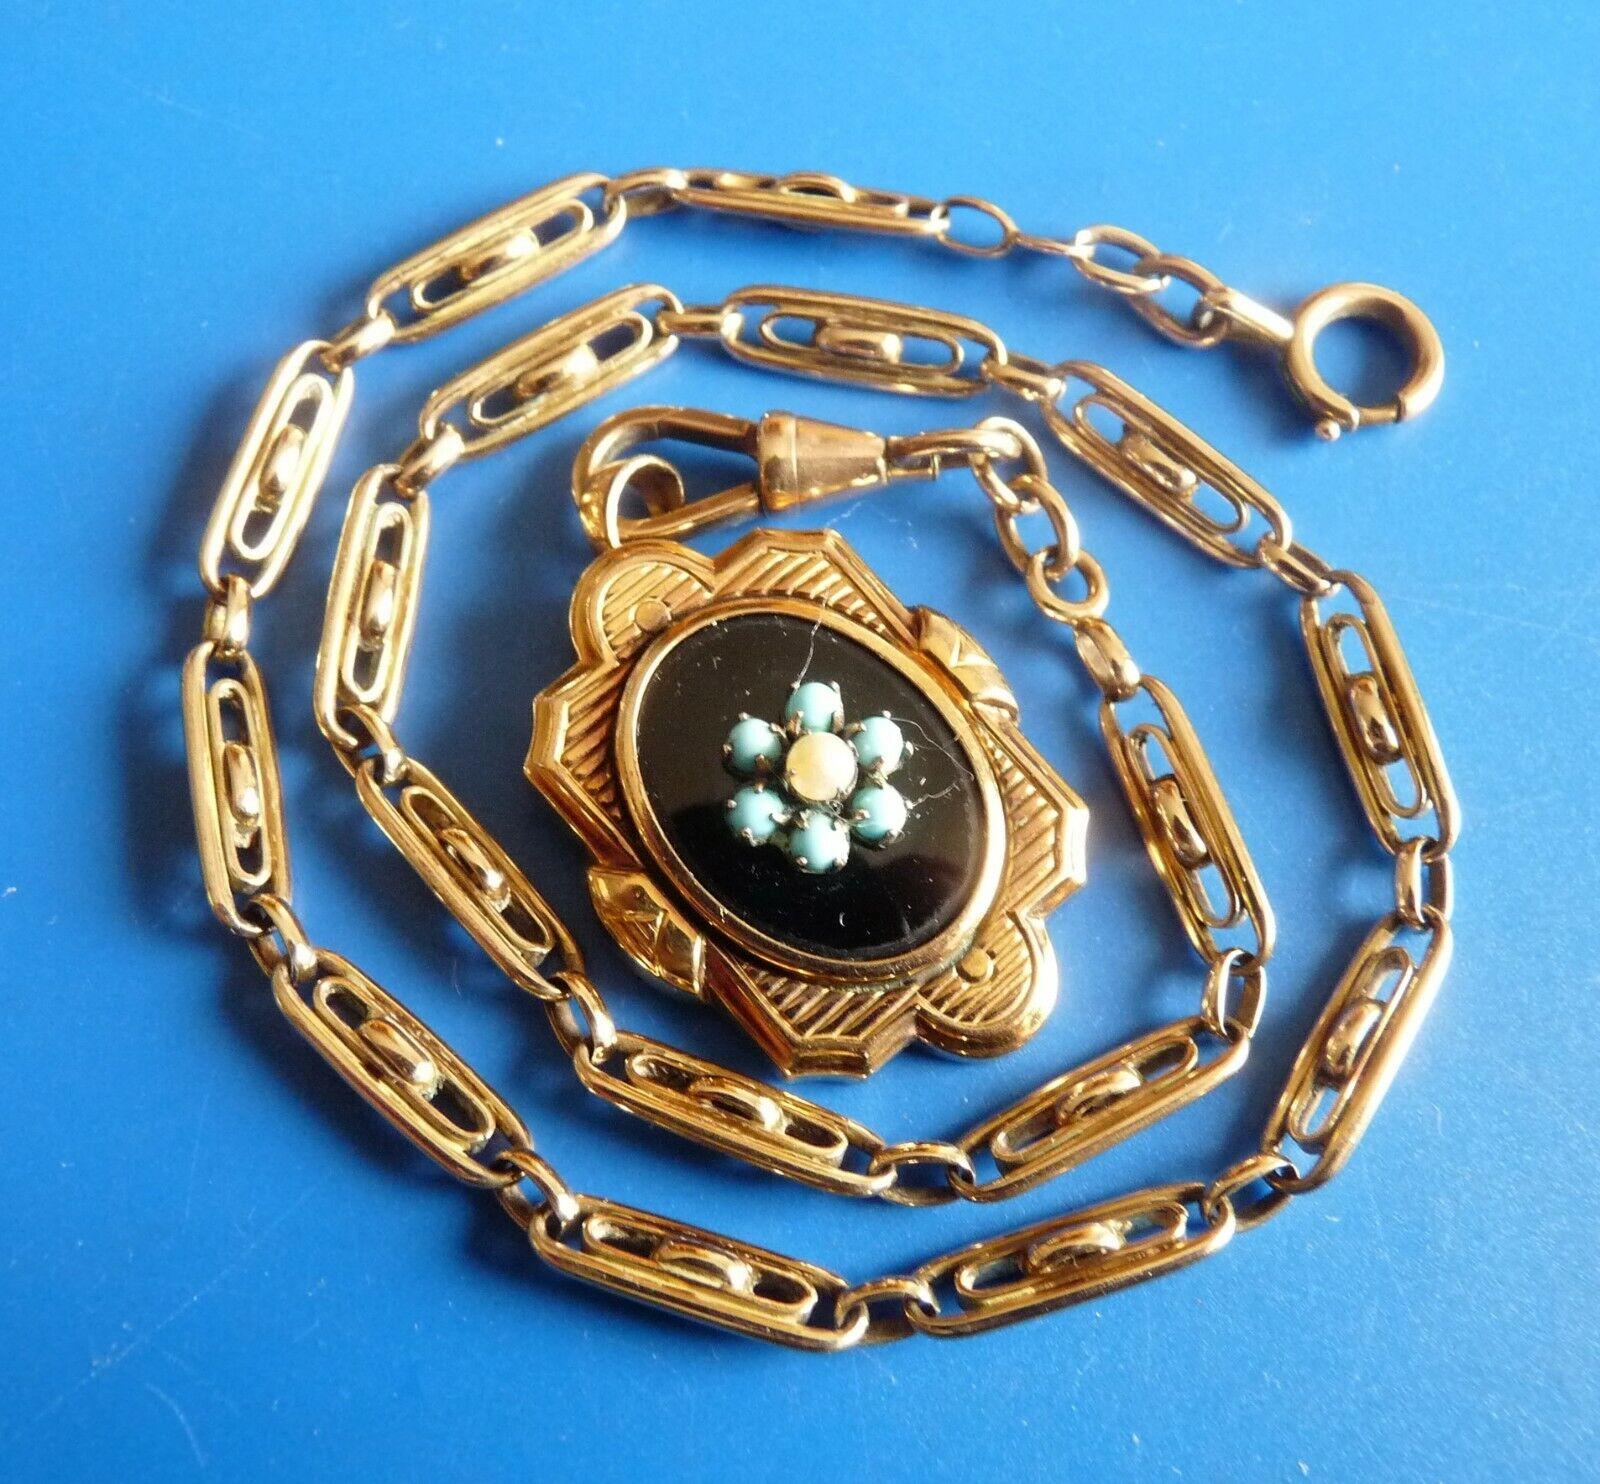 Antique chain of watch pocket bijoux anciens chaine de montre xix napoleon iii